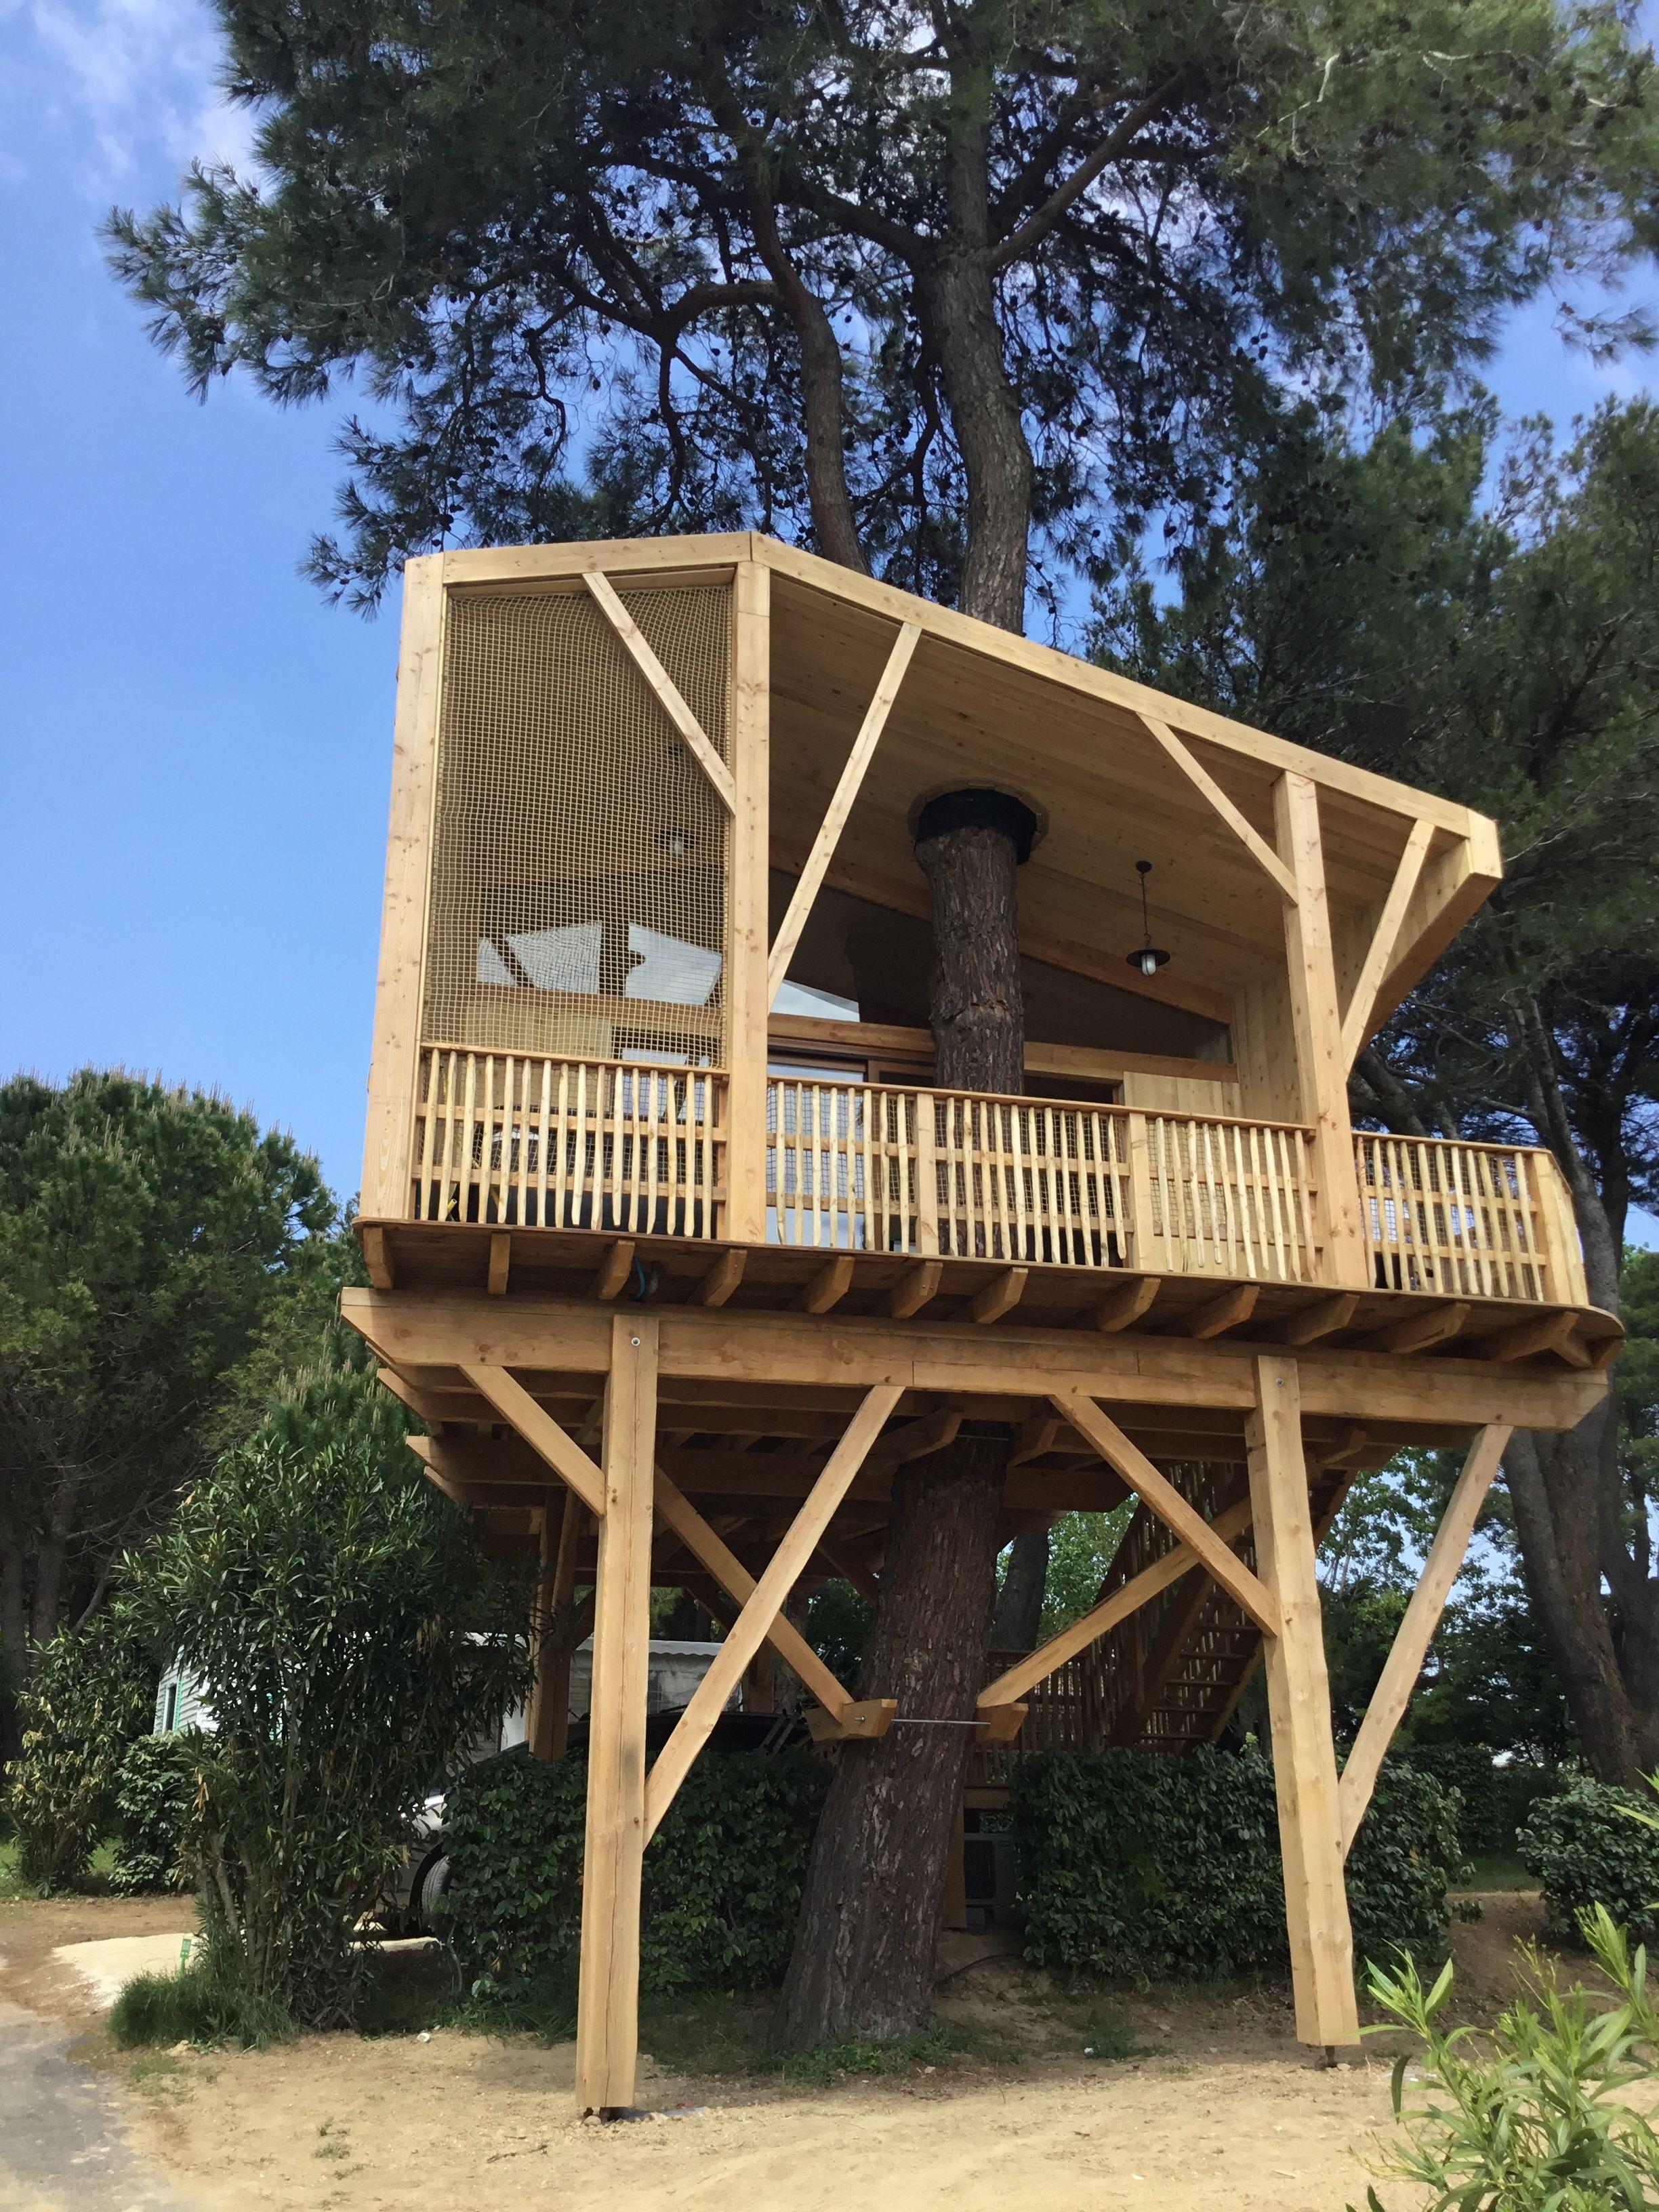 Un Vrai Nid Douillet Dote D Un Jacuzzi Au Calme Et Au Plus Proche De La Nature Glamping Camping Mediterranee Cab Glamping Camping Cabane Dans Les Arbres